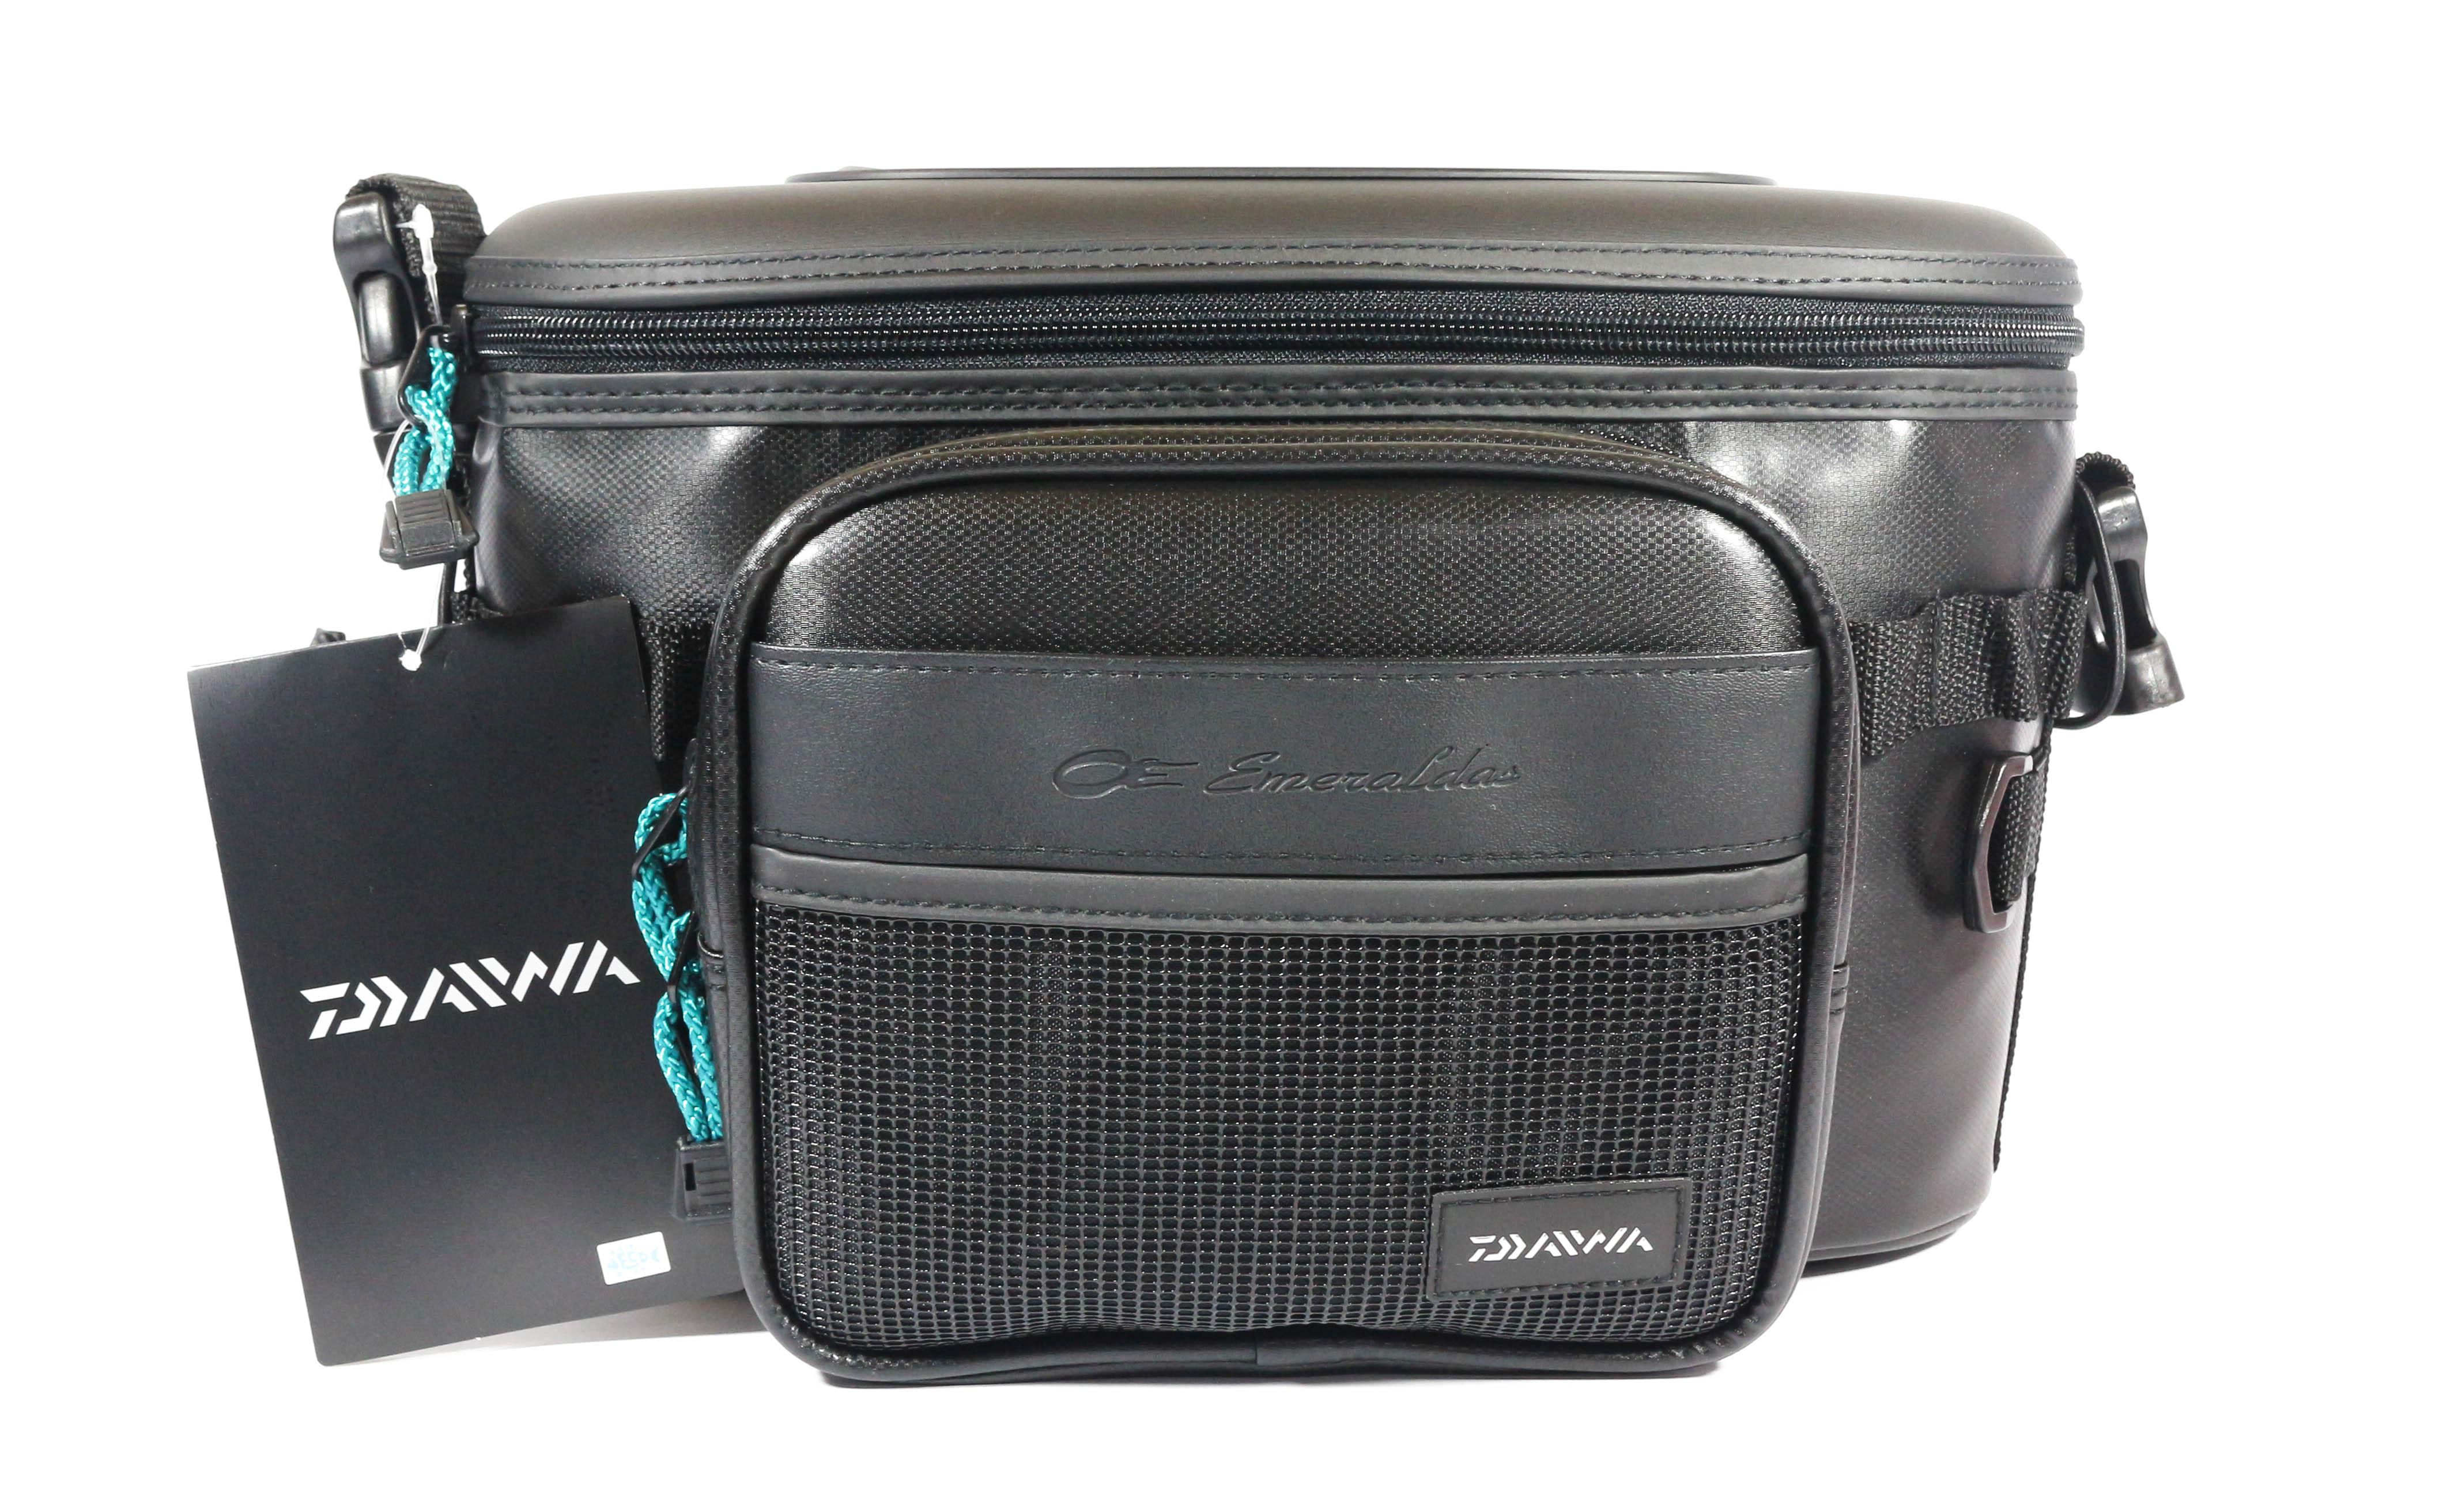 Daiwa Emeraldas Waist Bag Egi Case 21 X 34 X 22 cm 861939